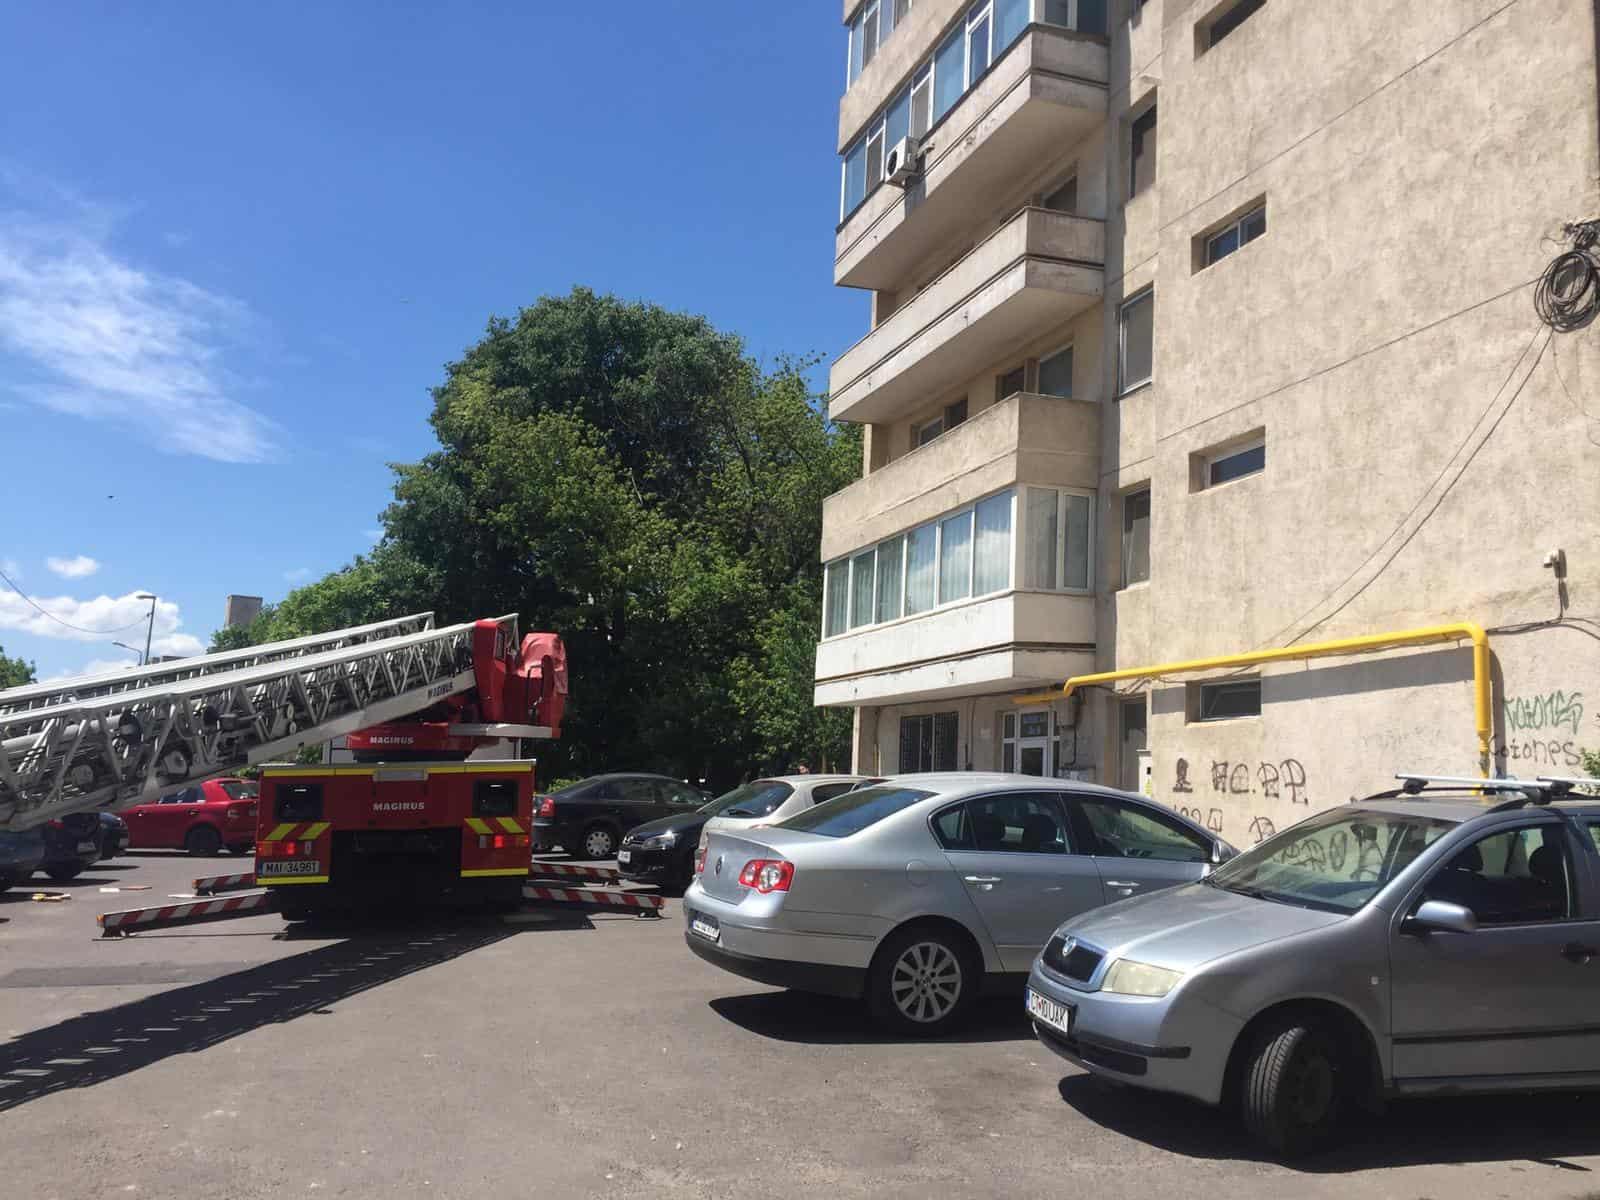 pompierii si politia2